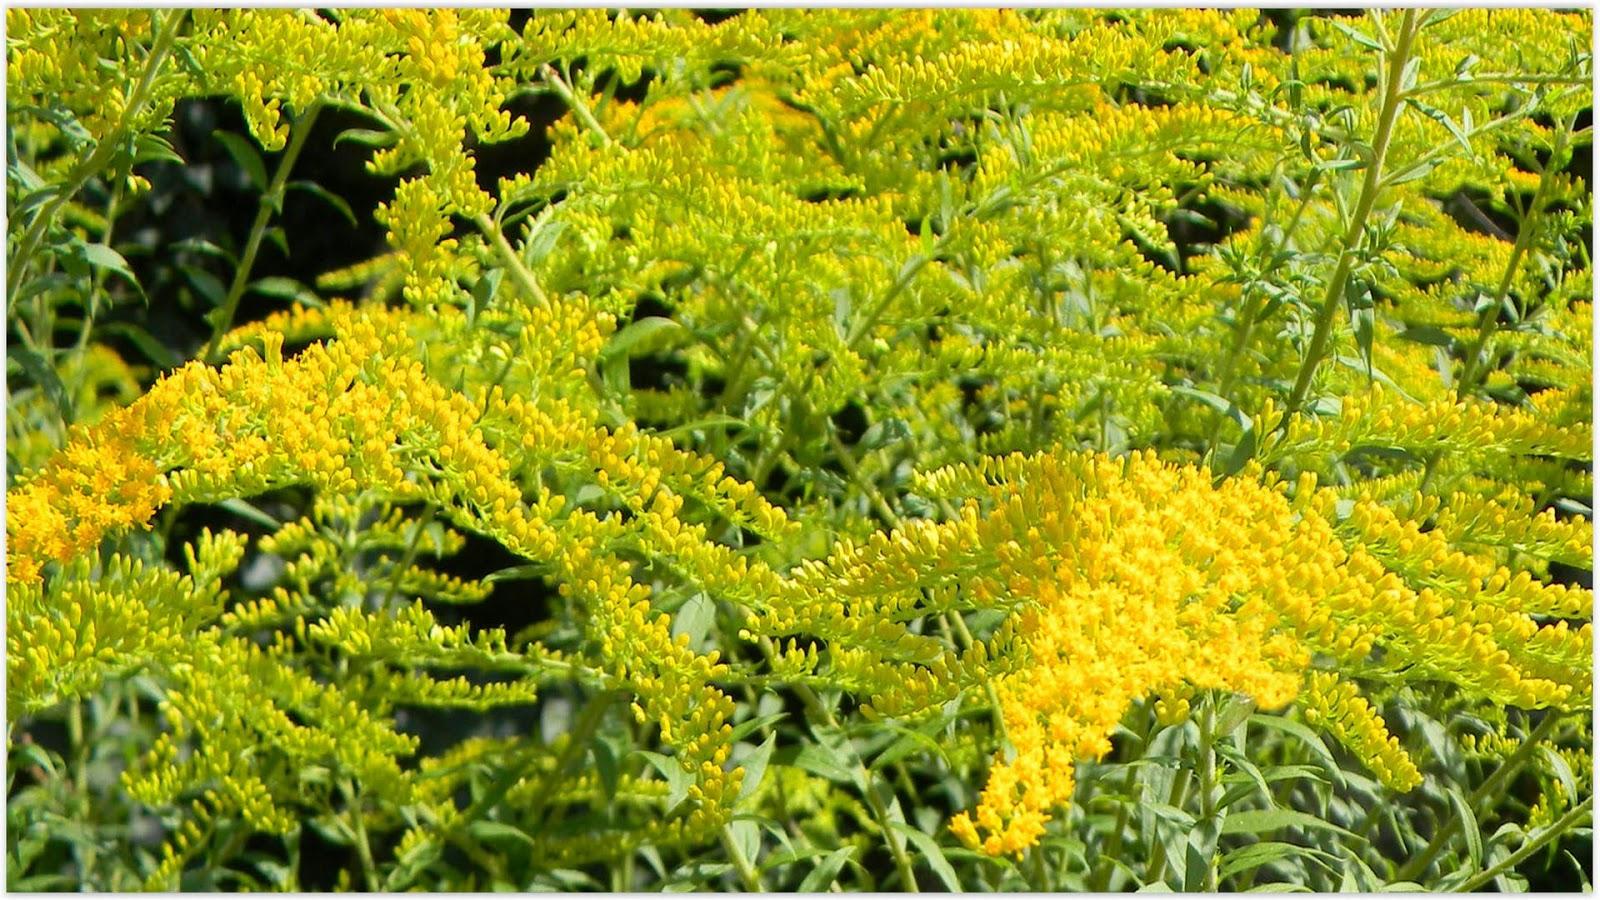 Menopauza: simptome şi plante care ameliorează stările neplăcute